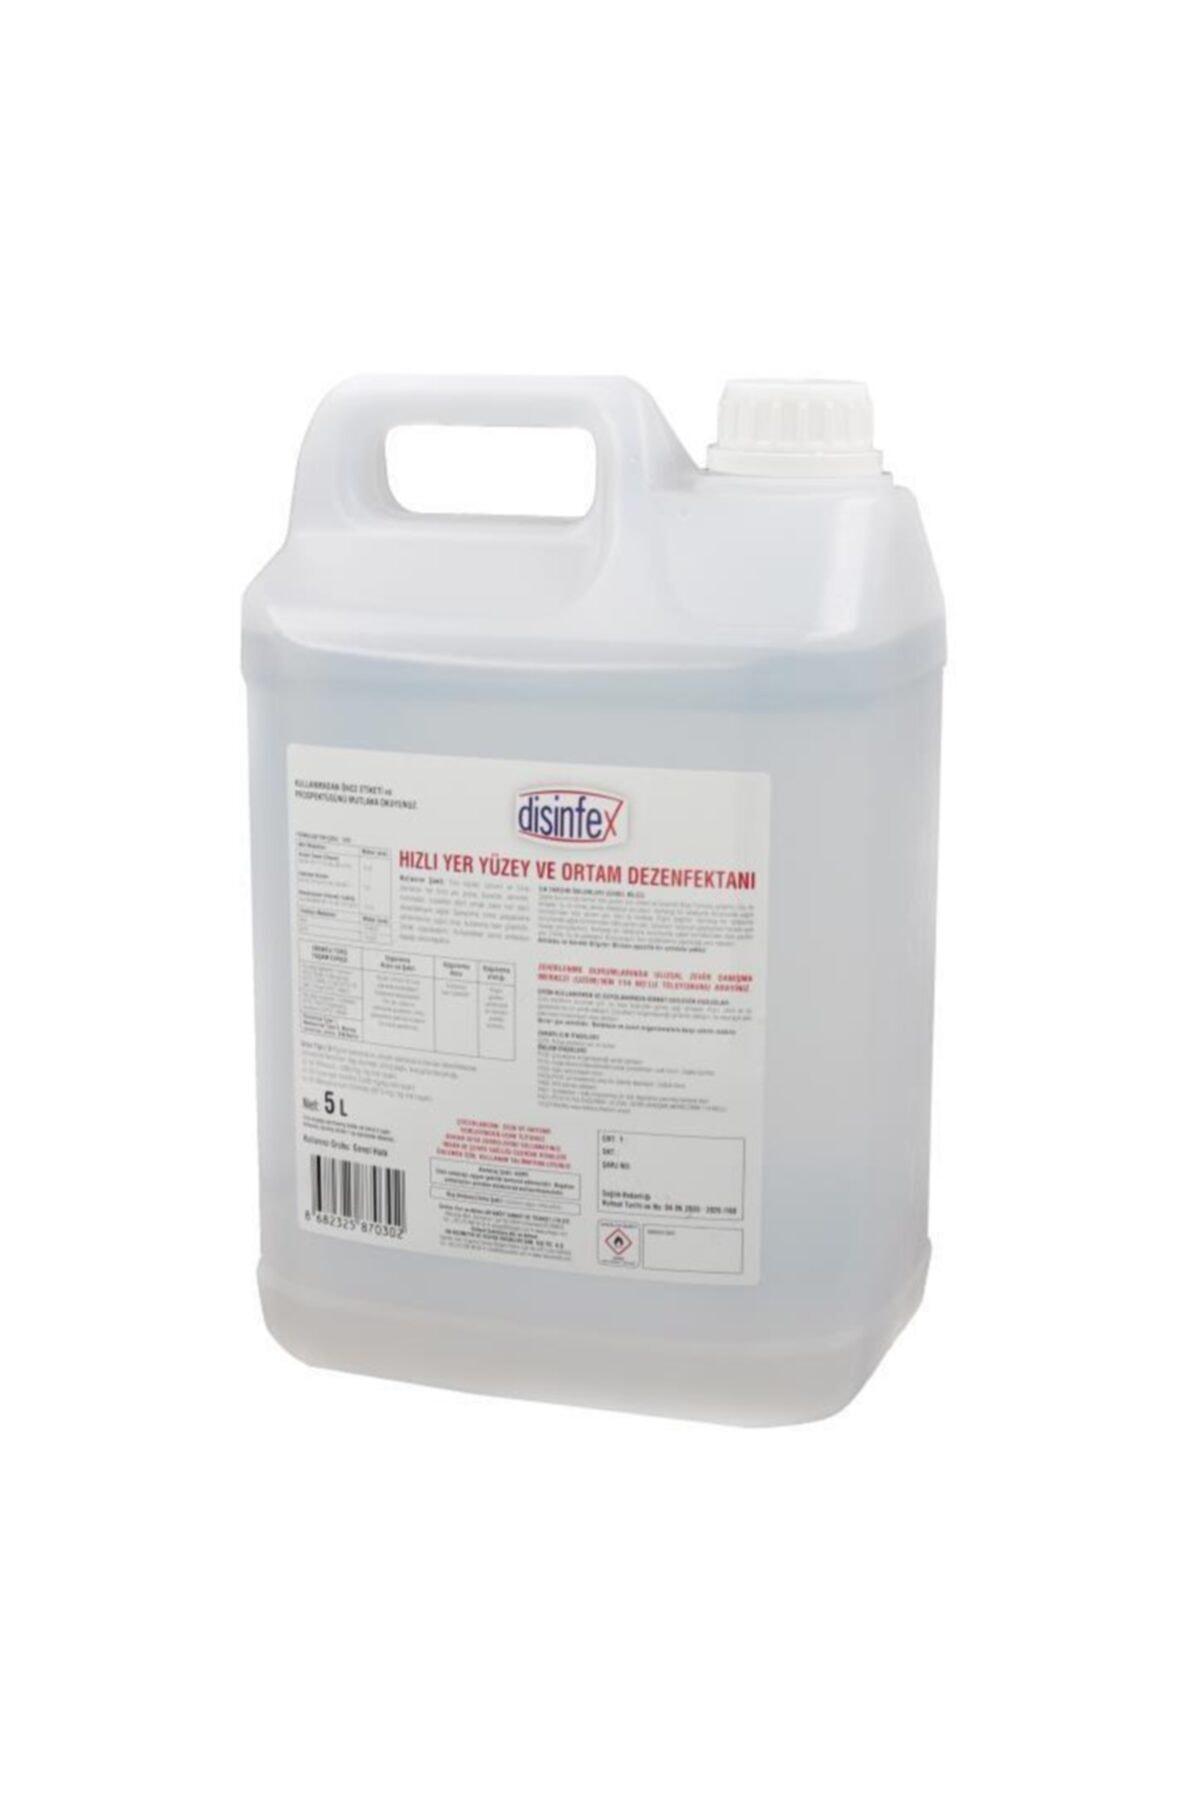 Disinfex 5 Litre Hızlı Yer Yüzey Ortam Ve Paspas Dezenfektanı 2